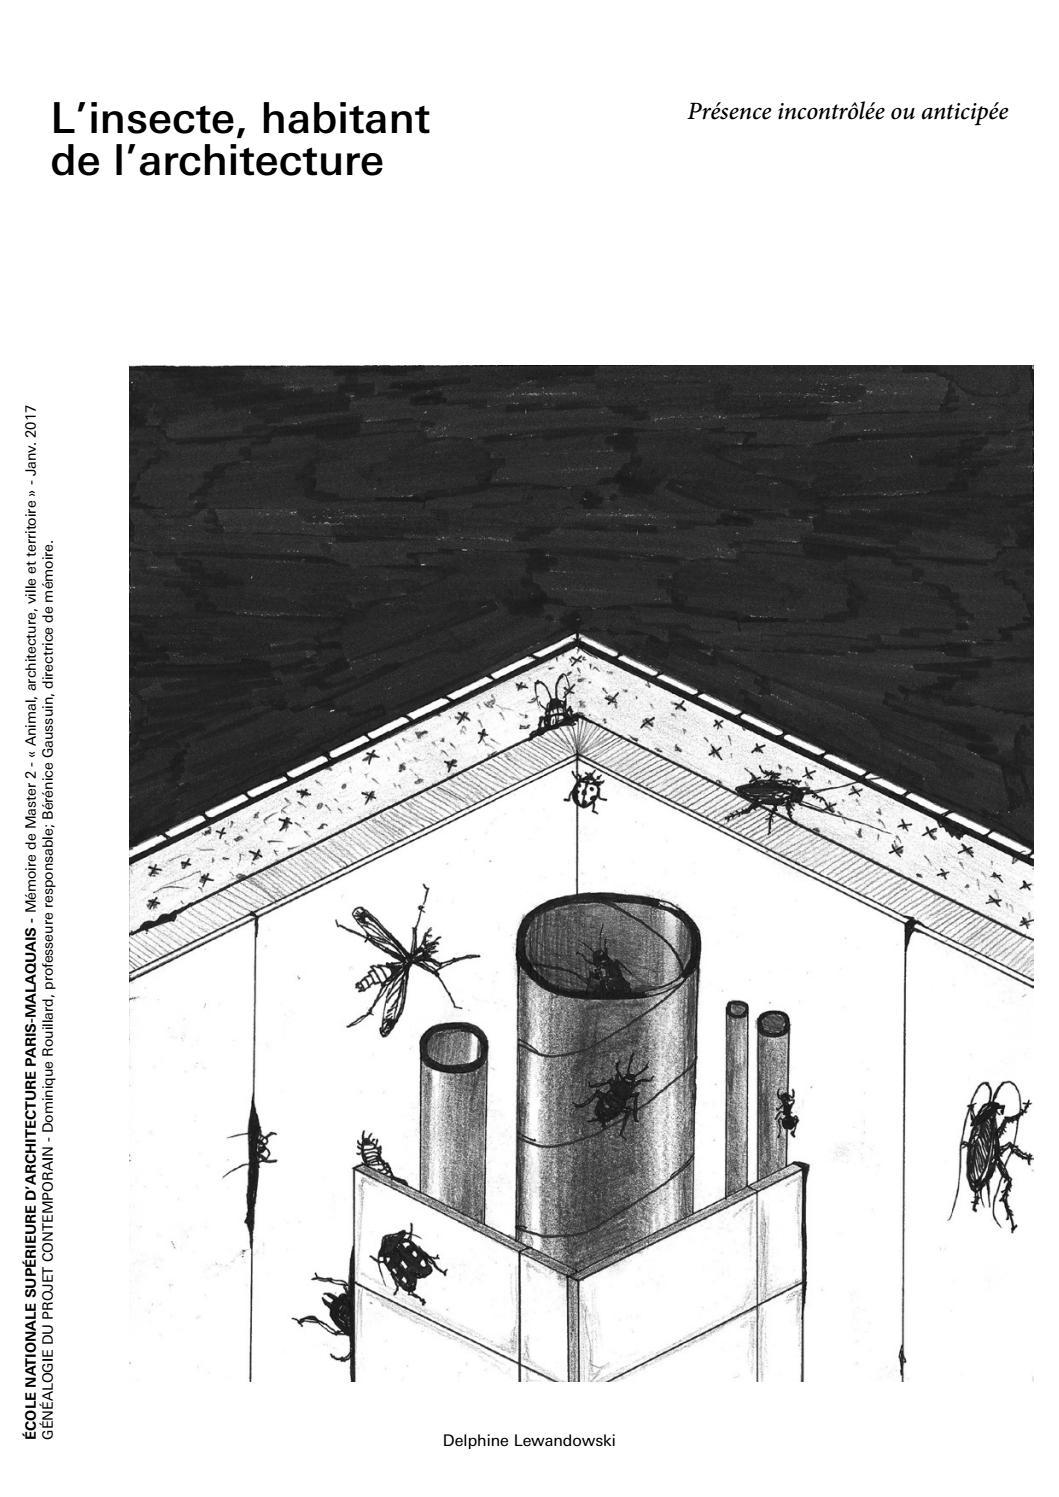 Heritage fix sur les insectes en bois hôtel nid maison Bee Keeping Bug Garden Coccinelle Bo